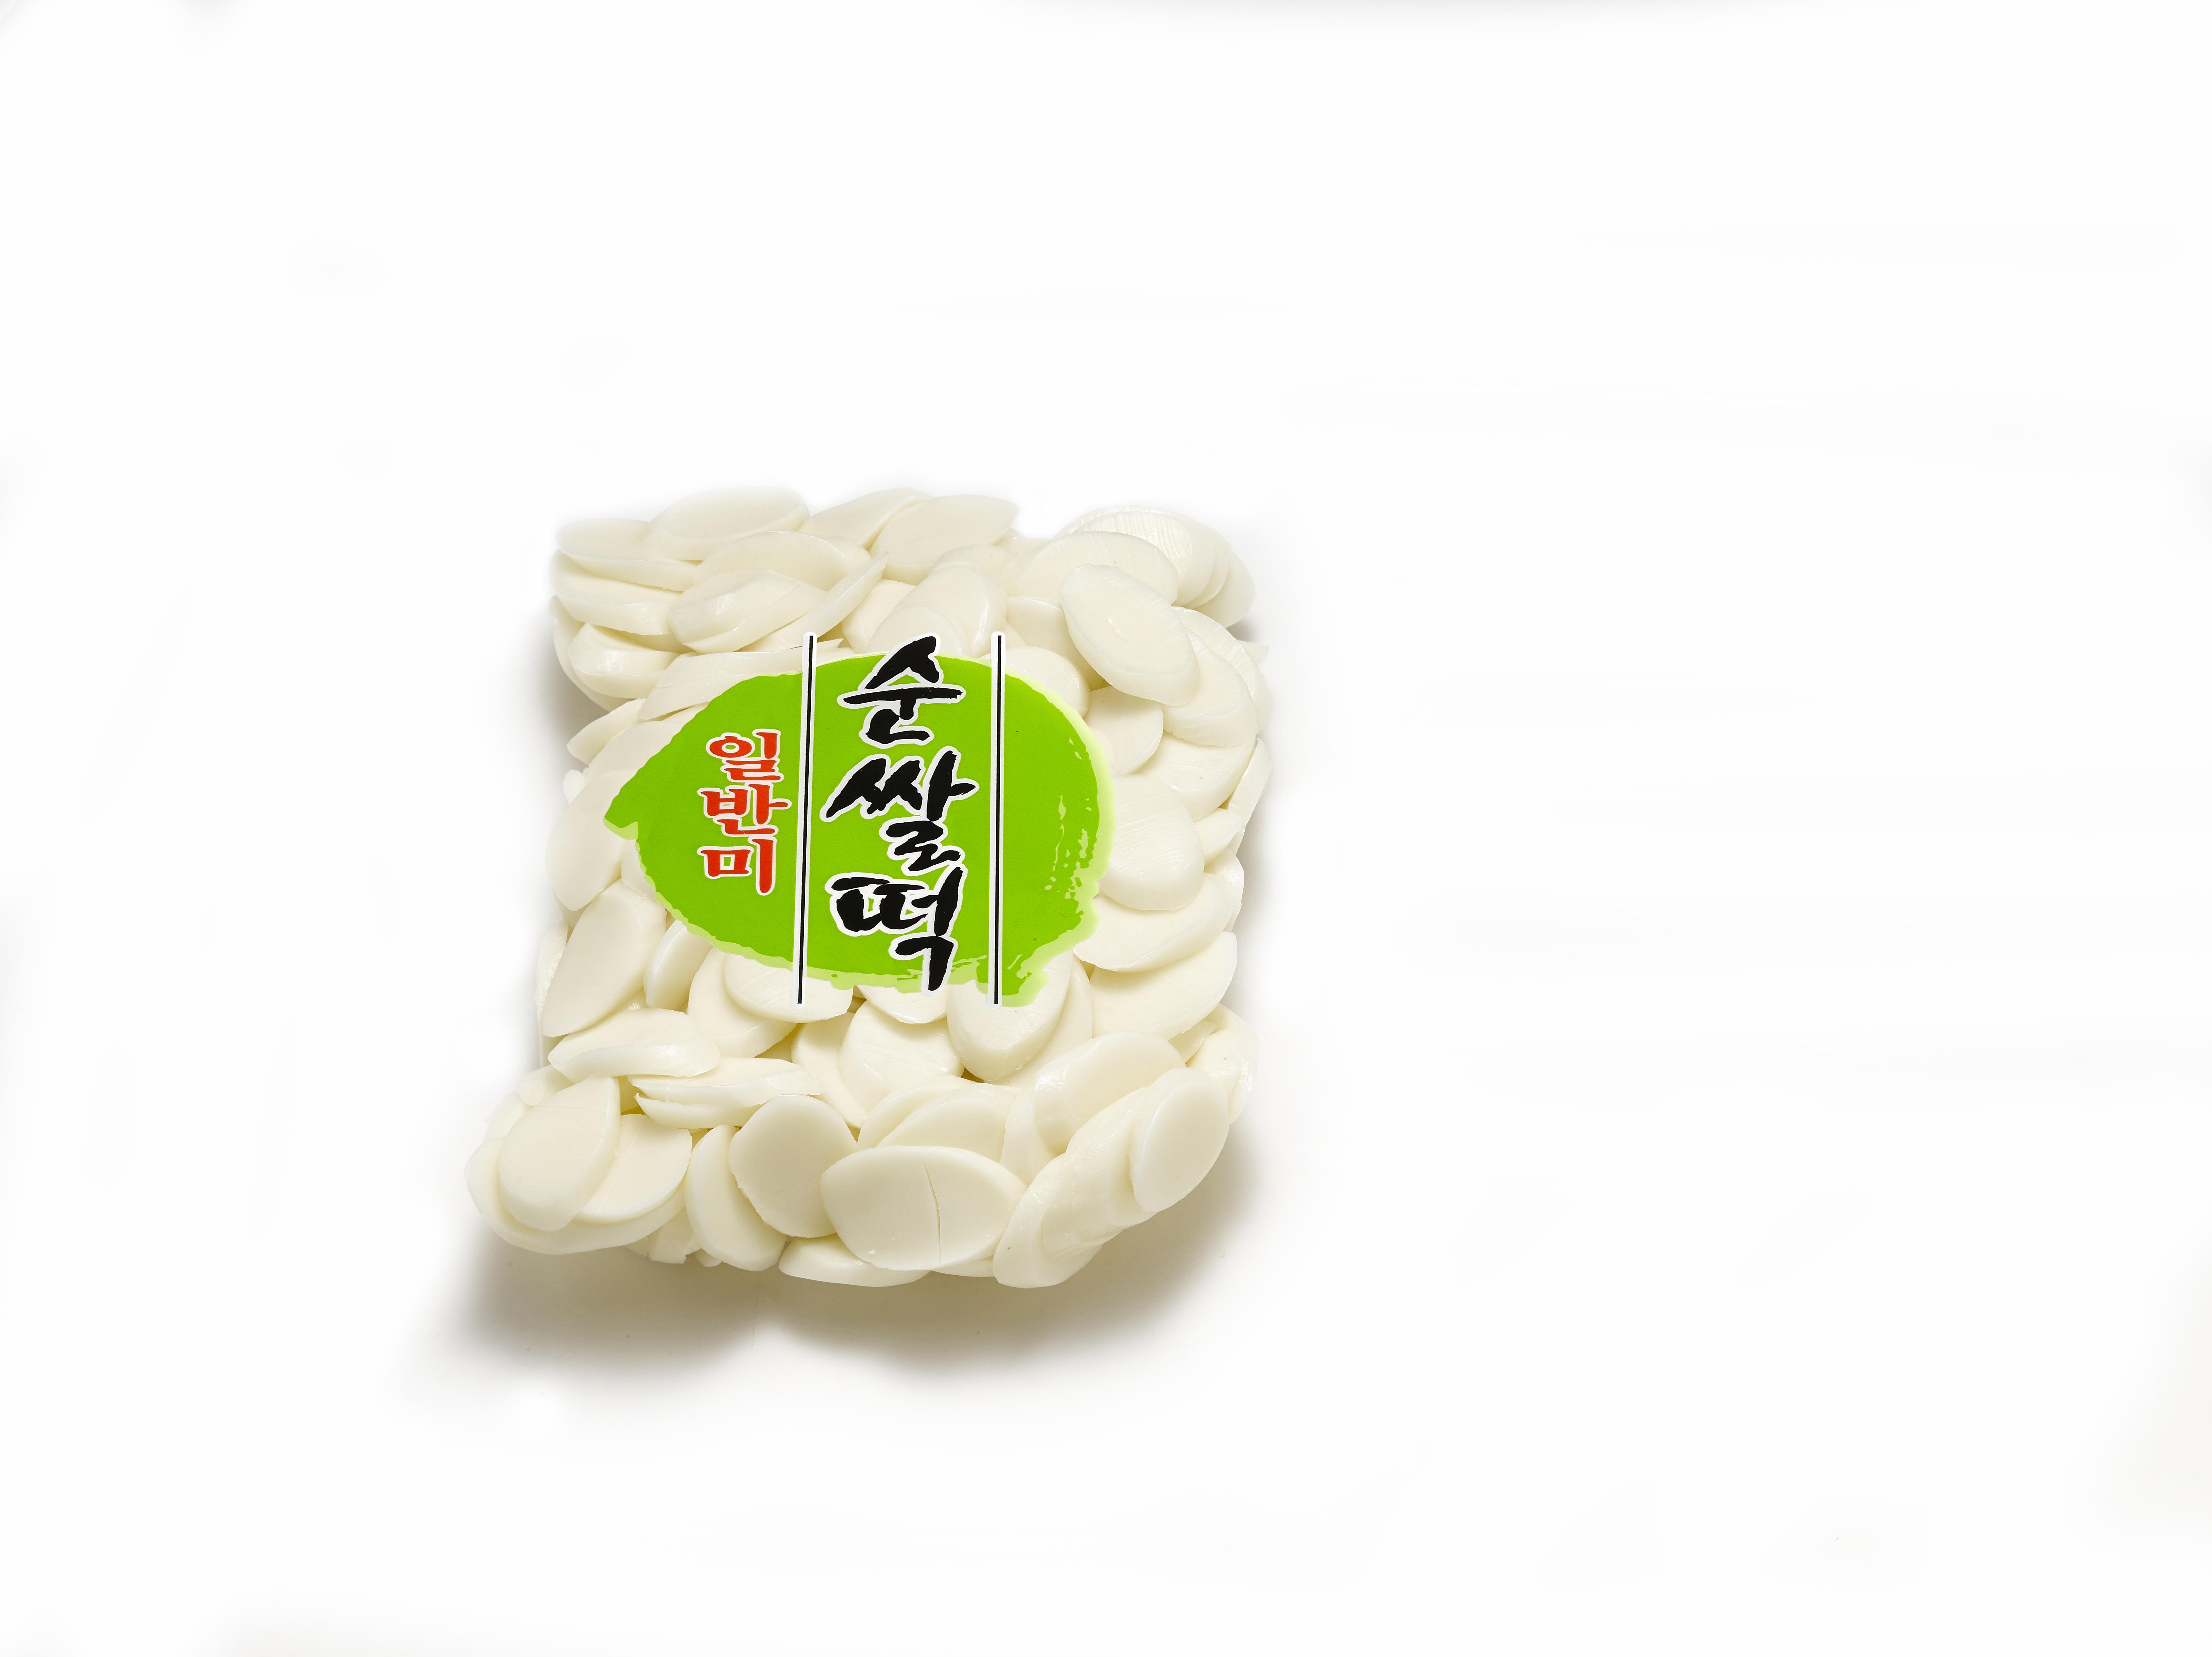 (주)맛찬들백미식품